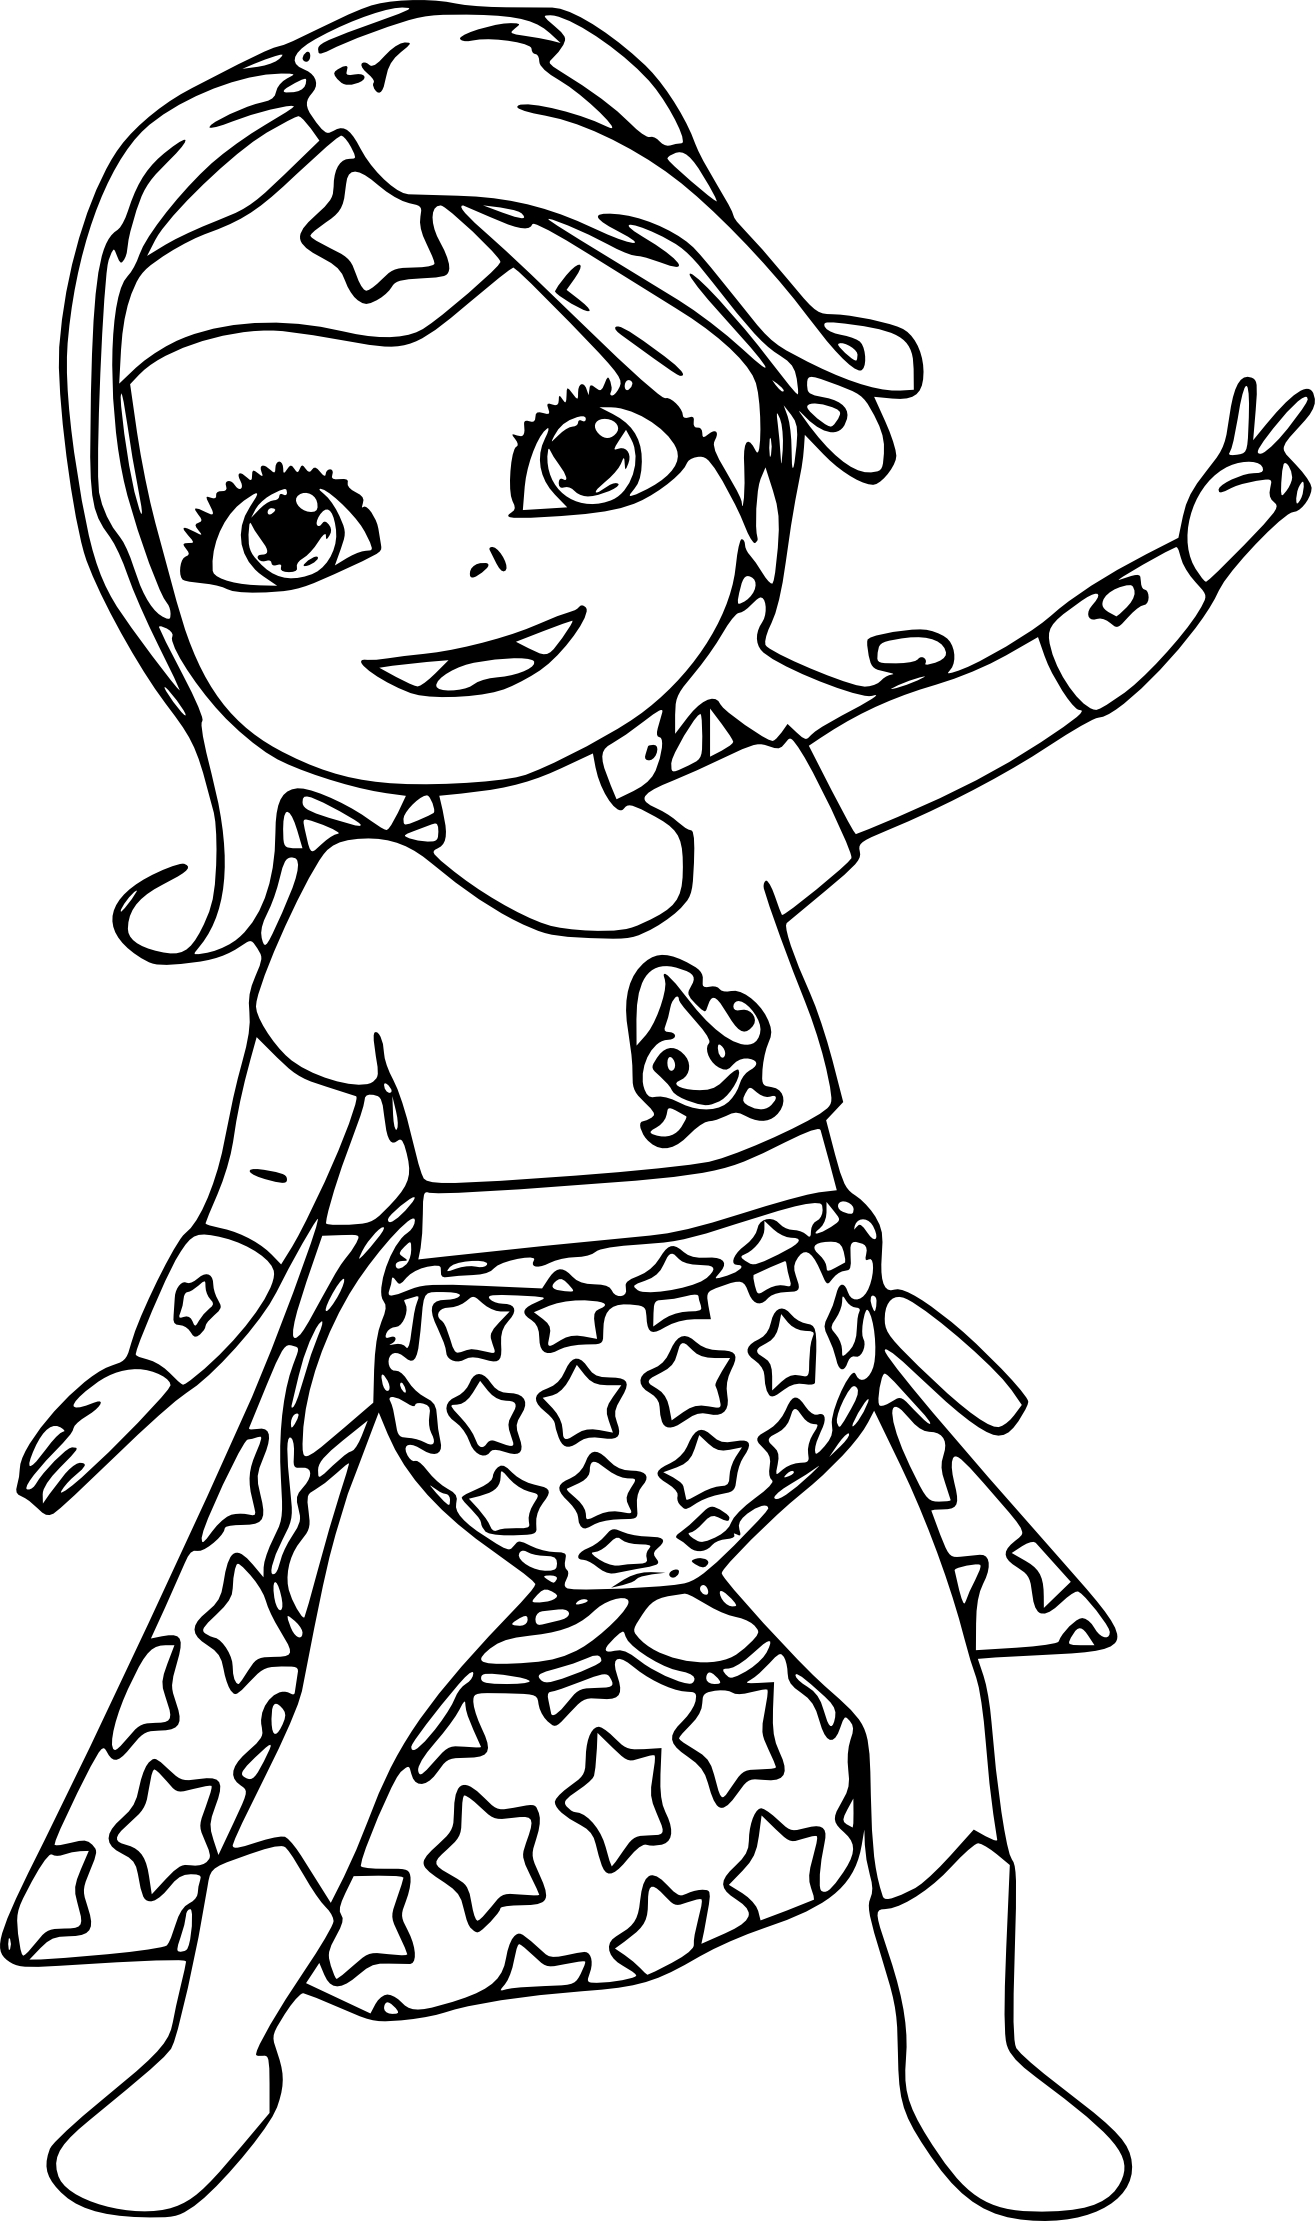 Coloriage bebe lilly et dessin imprimer - Dessin de colombe a imprimer ...